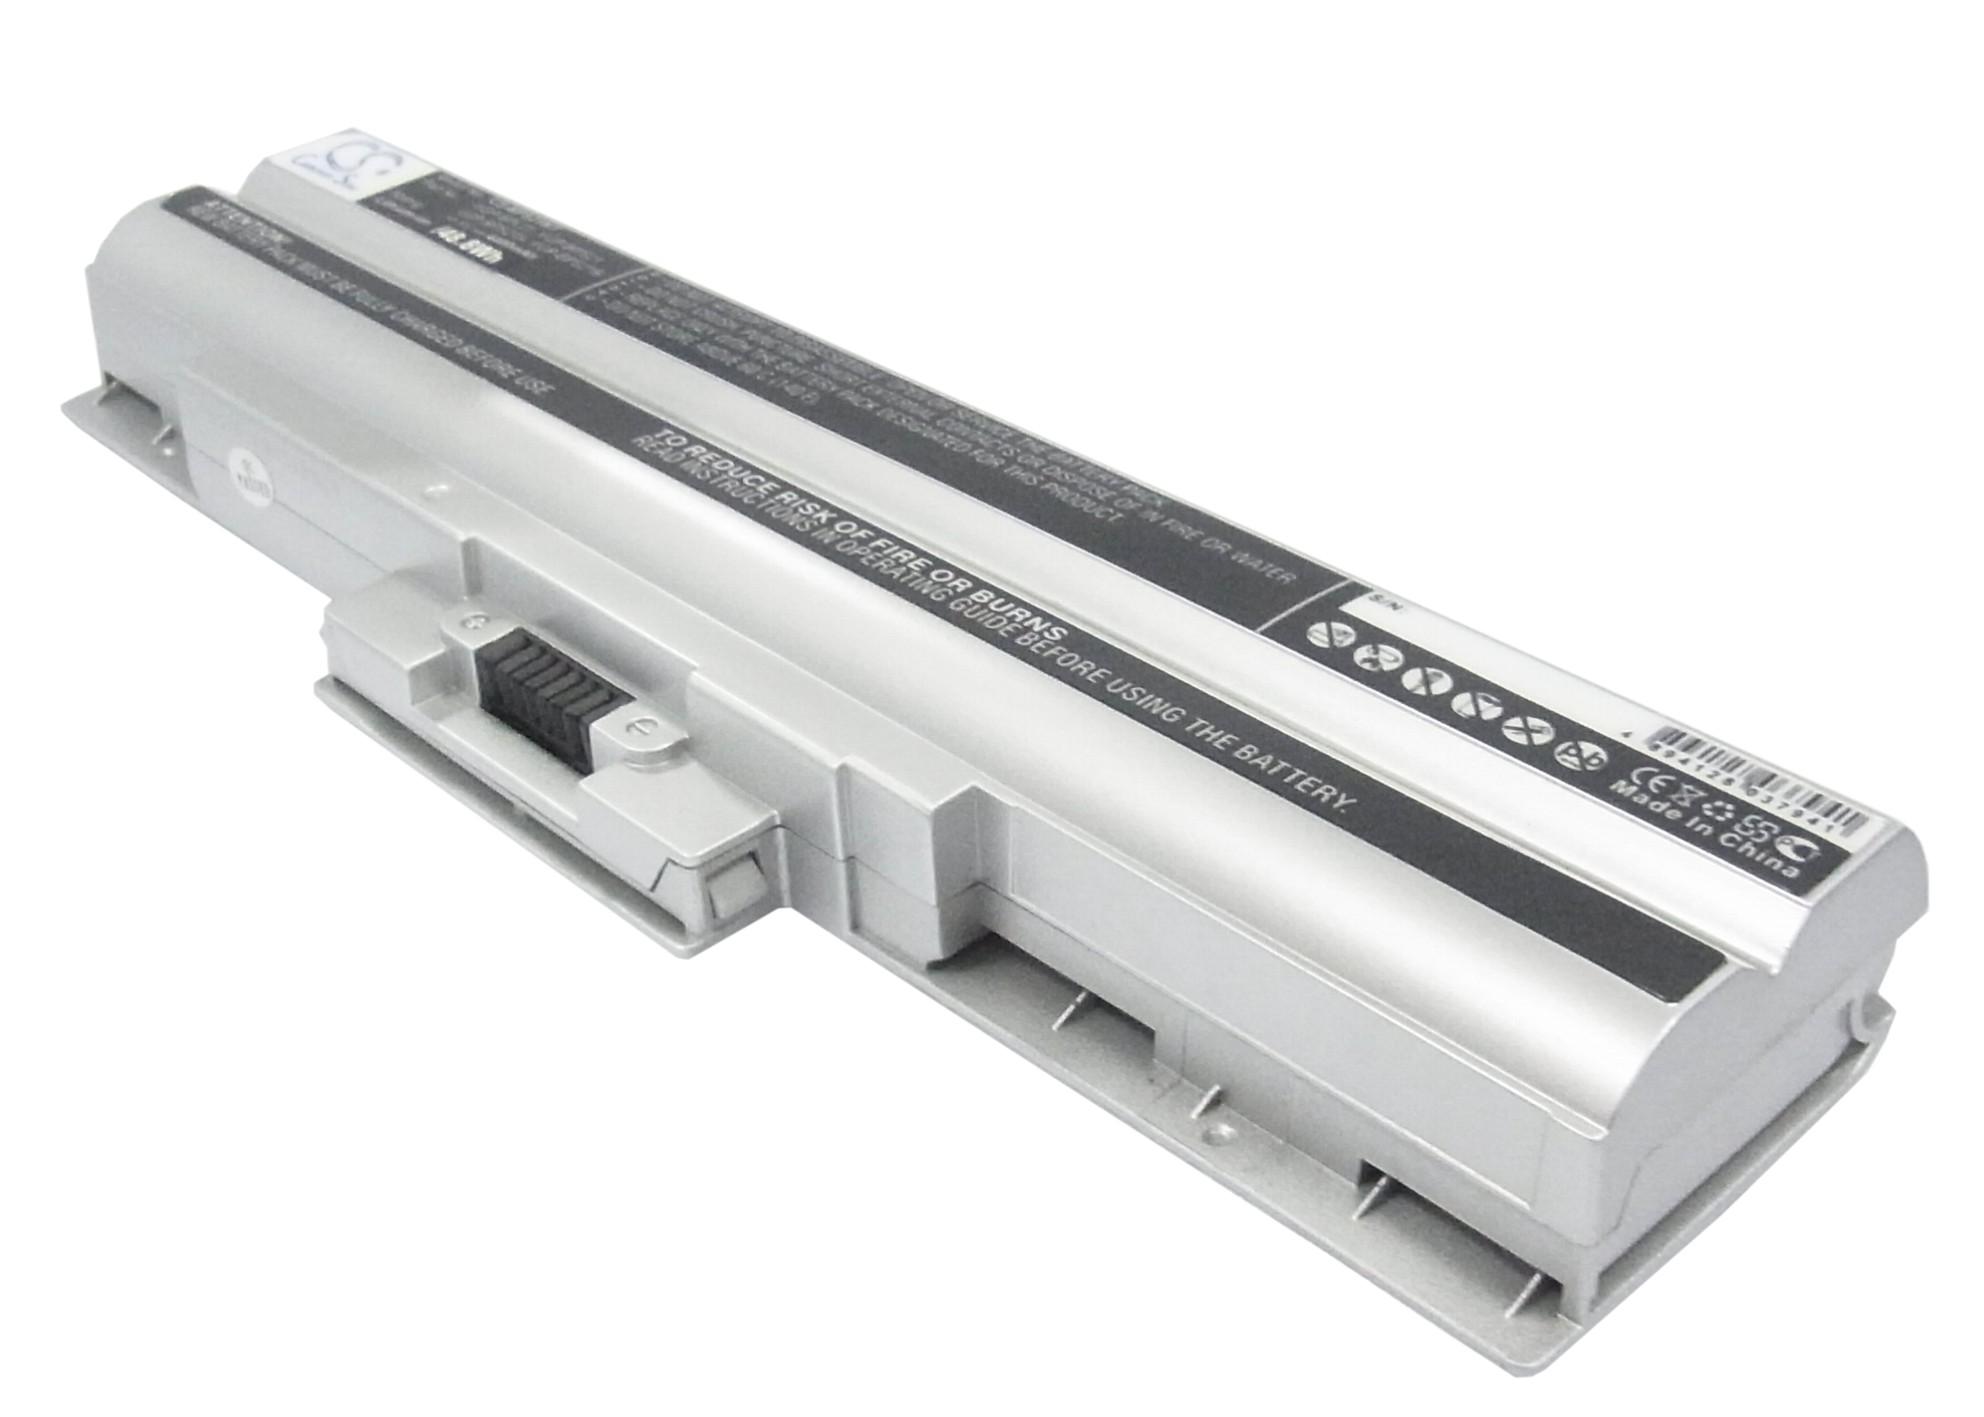 Cameron Sino baterie do notebooků pro SONY VAIO VPCY21S1E/P 11.1V Li-ion 4400mAh stříbrná - neoriginální